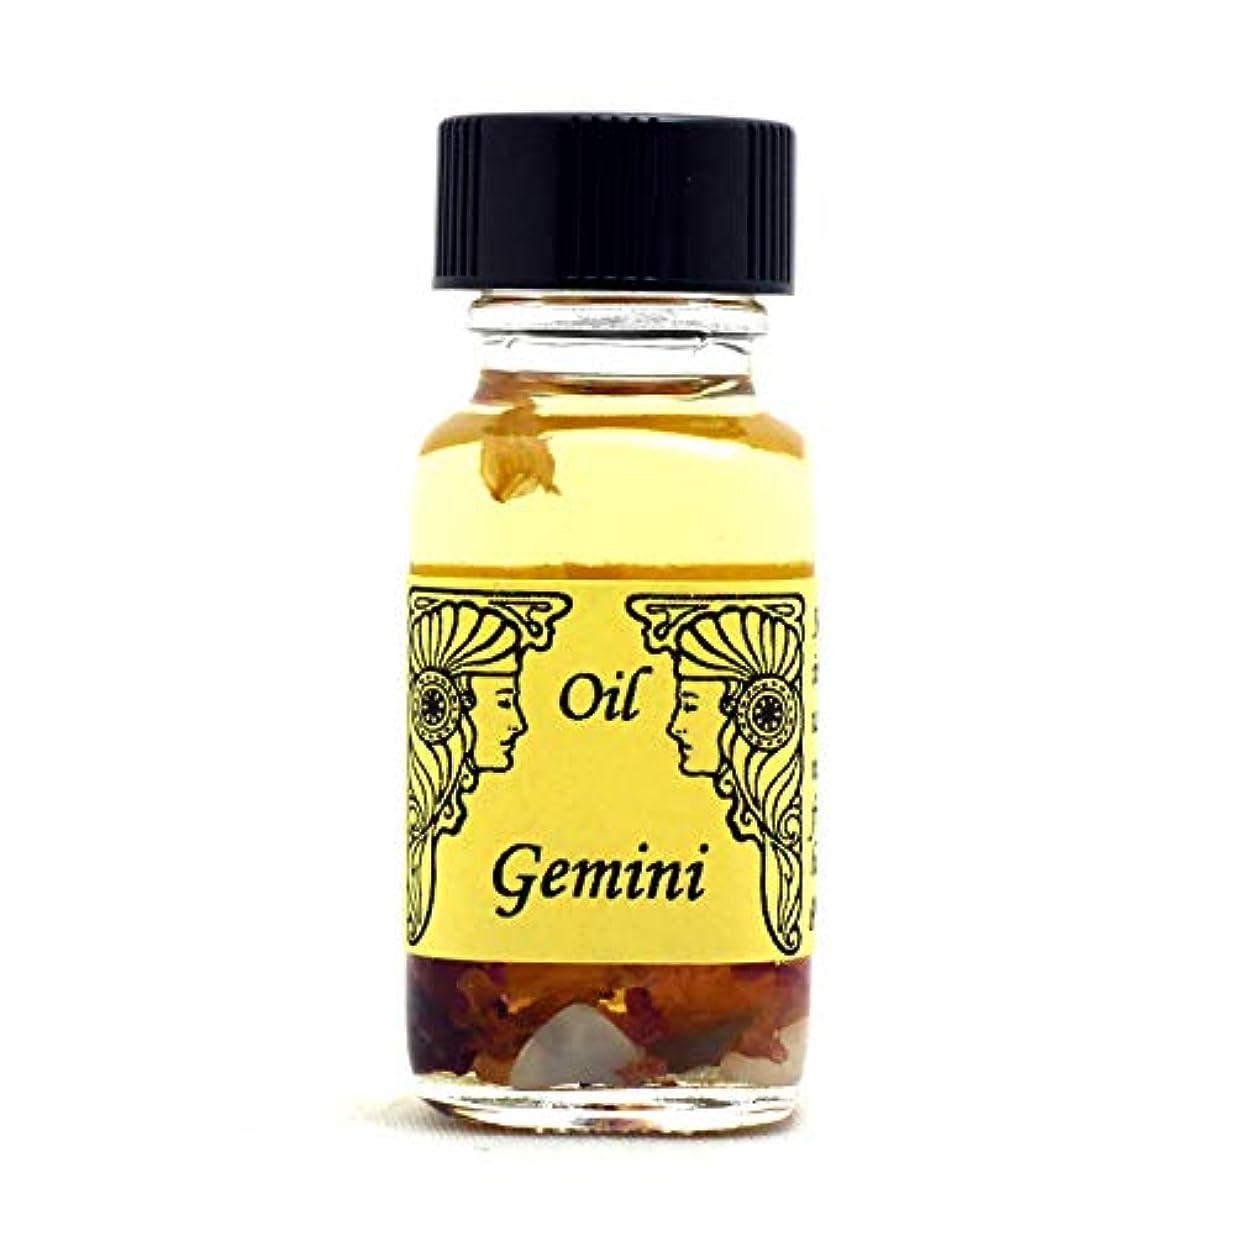 かび臭いおめでとう特異性アンシェントメモリーオイル 12星座オイル(占星術オイル)Gemini ふたご座 5月21日~6月20日